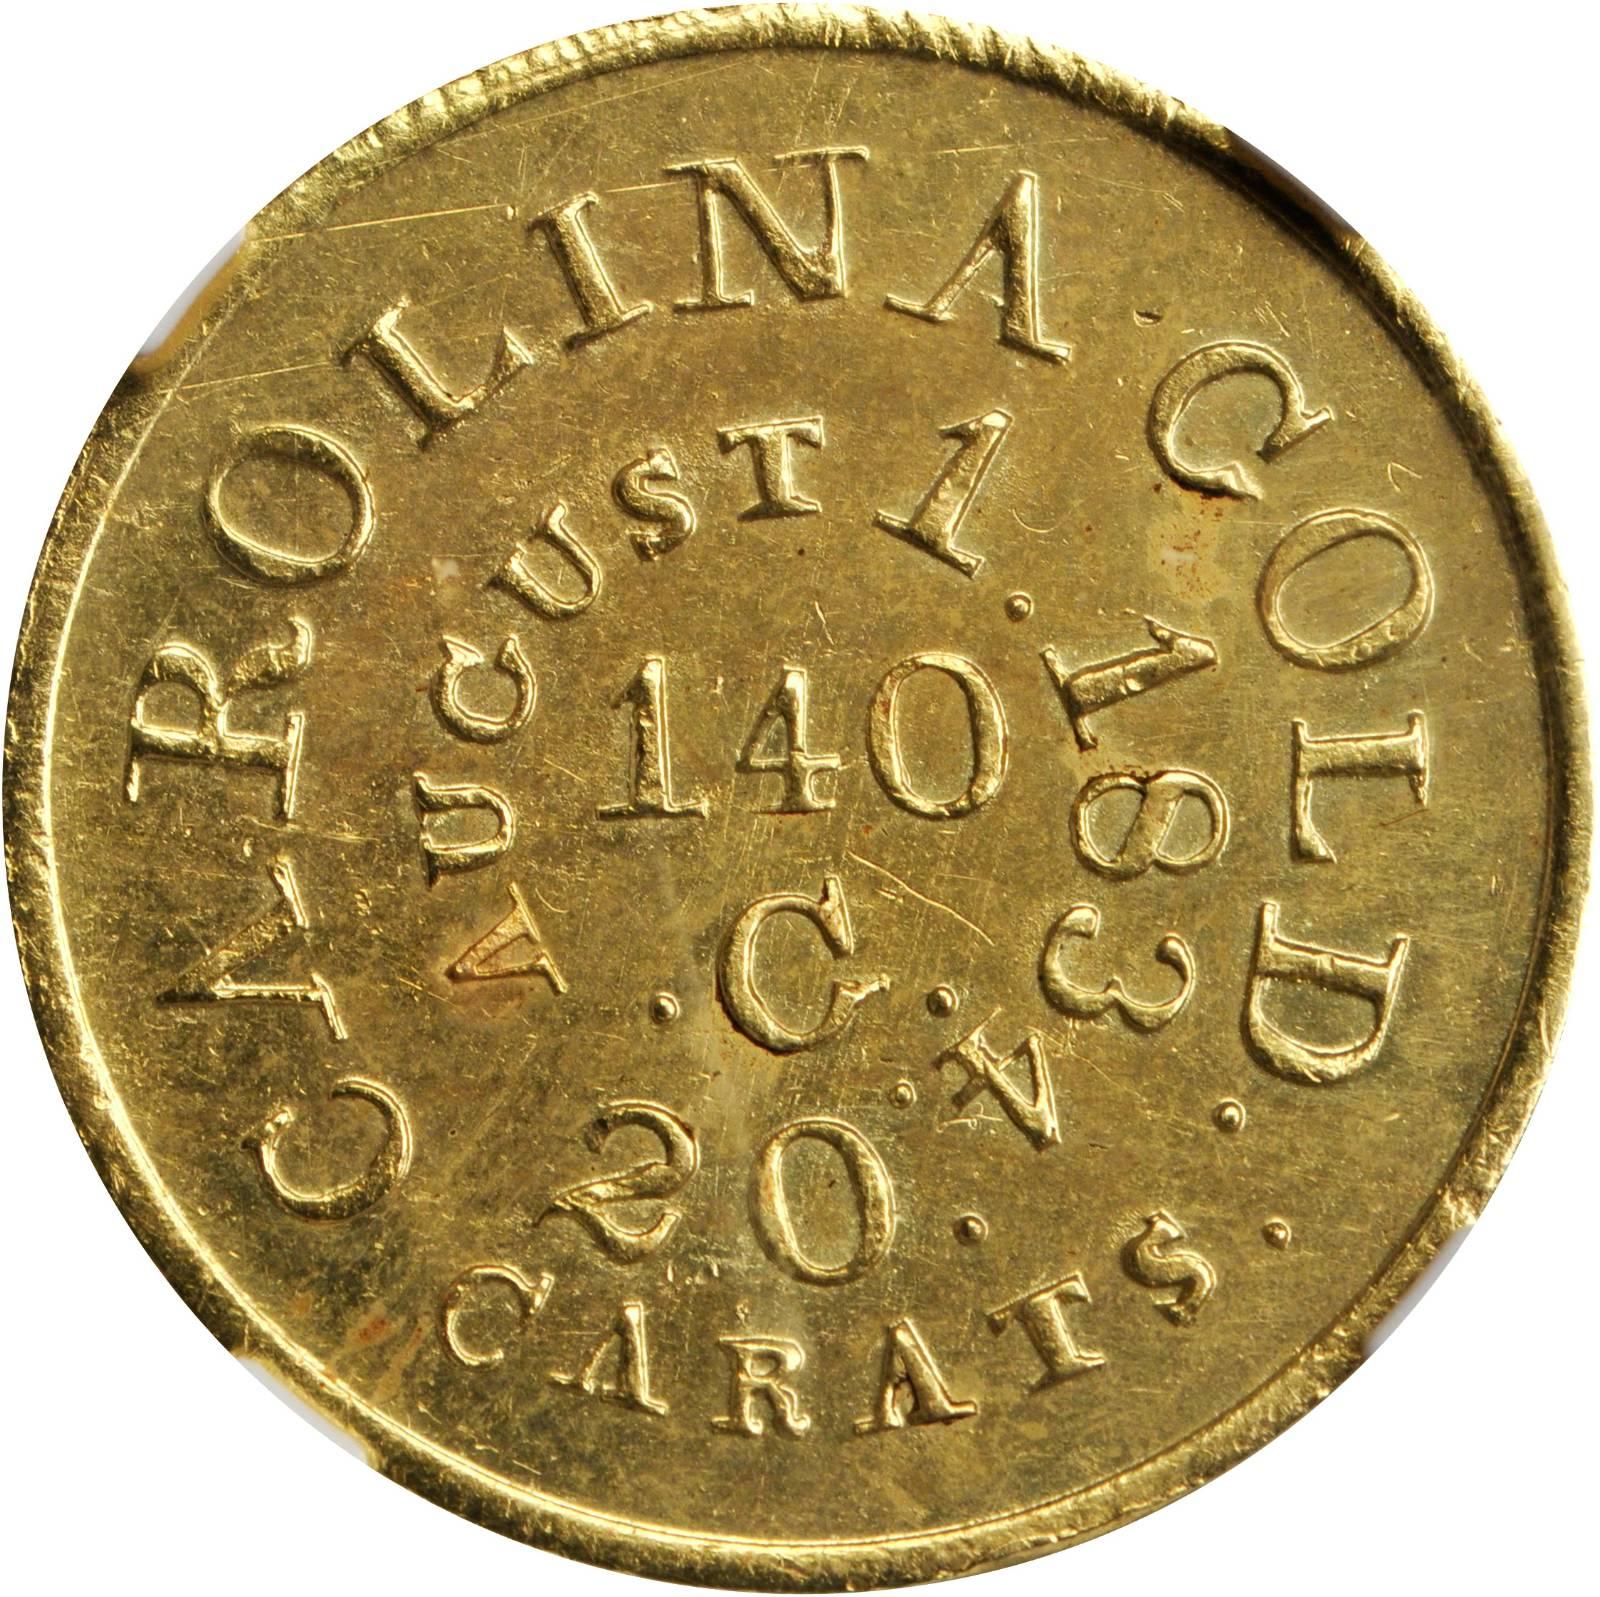 sample image for C.Becht $5 140GR, 20C